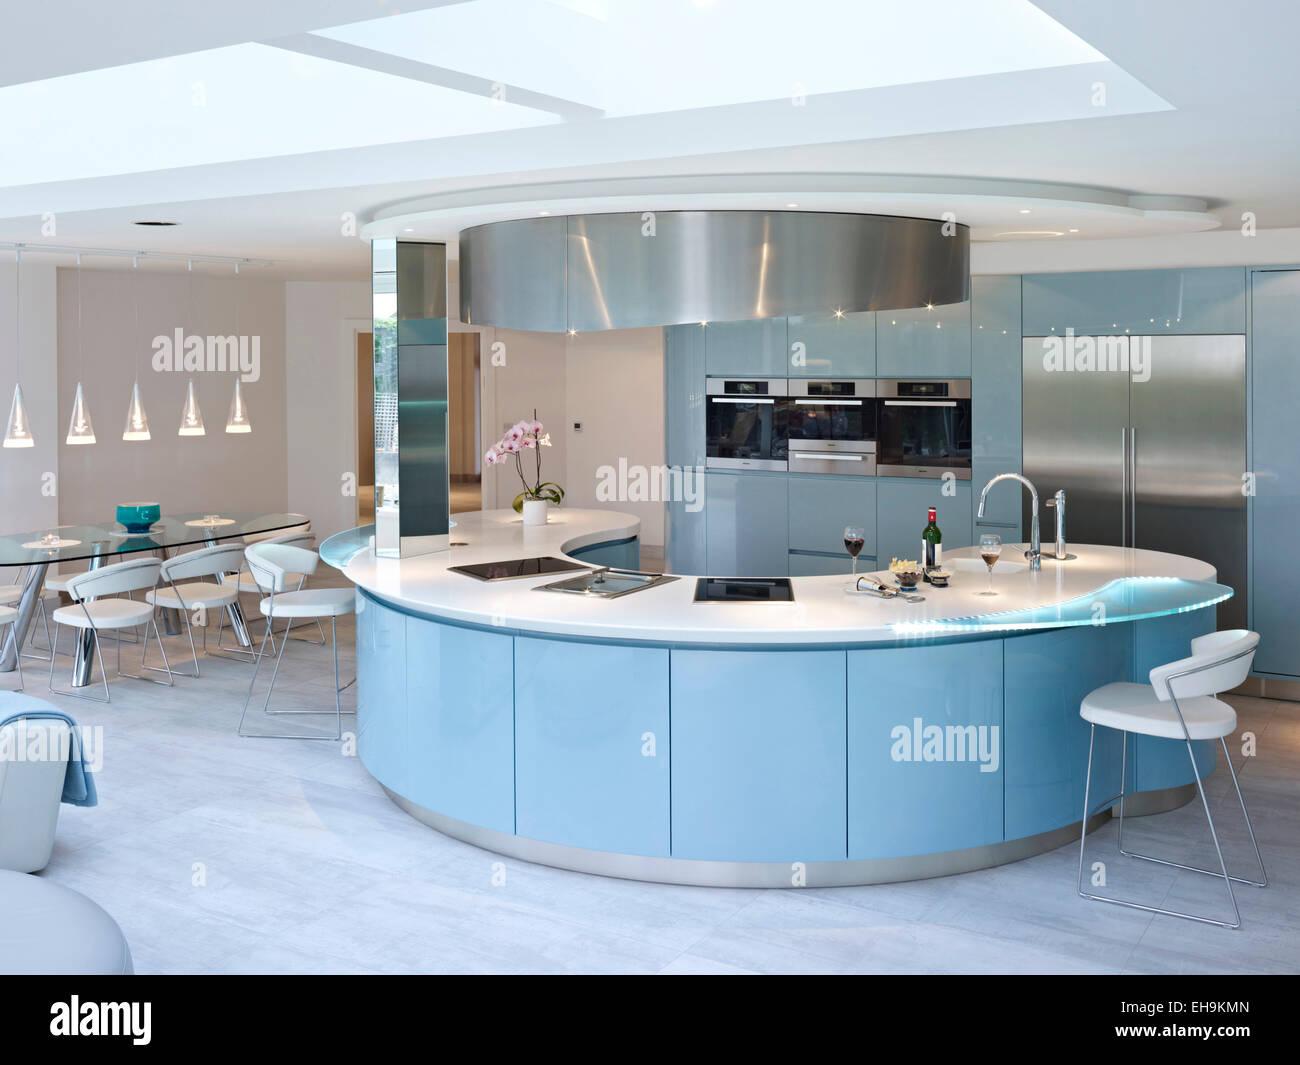 Modern Curved Kitchen Island Kitchen Curved Island Stock Photos & Kitchen Curved Island Stock